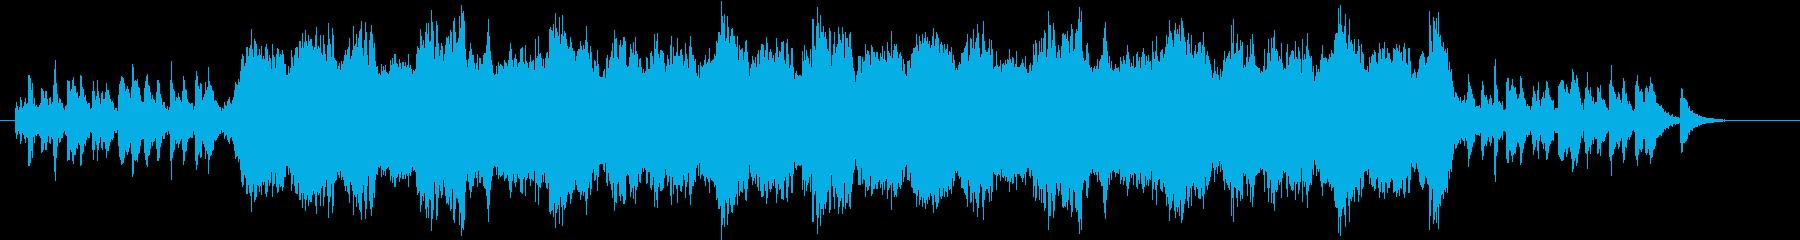 弦楽四重奏による間奏曲の再生済みの波形